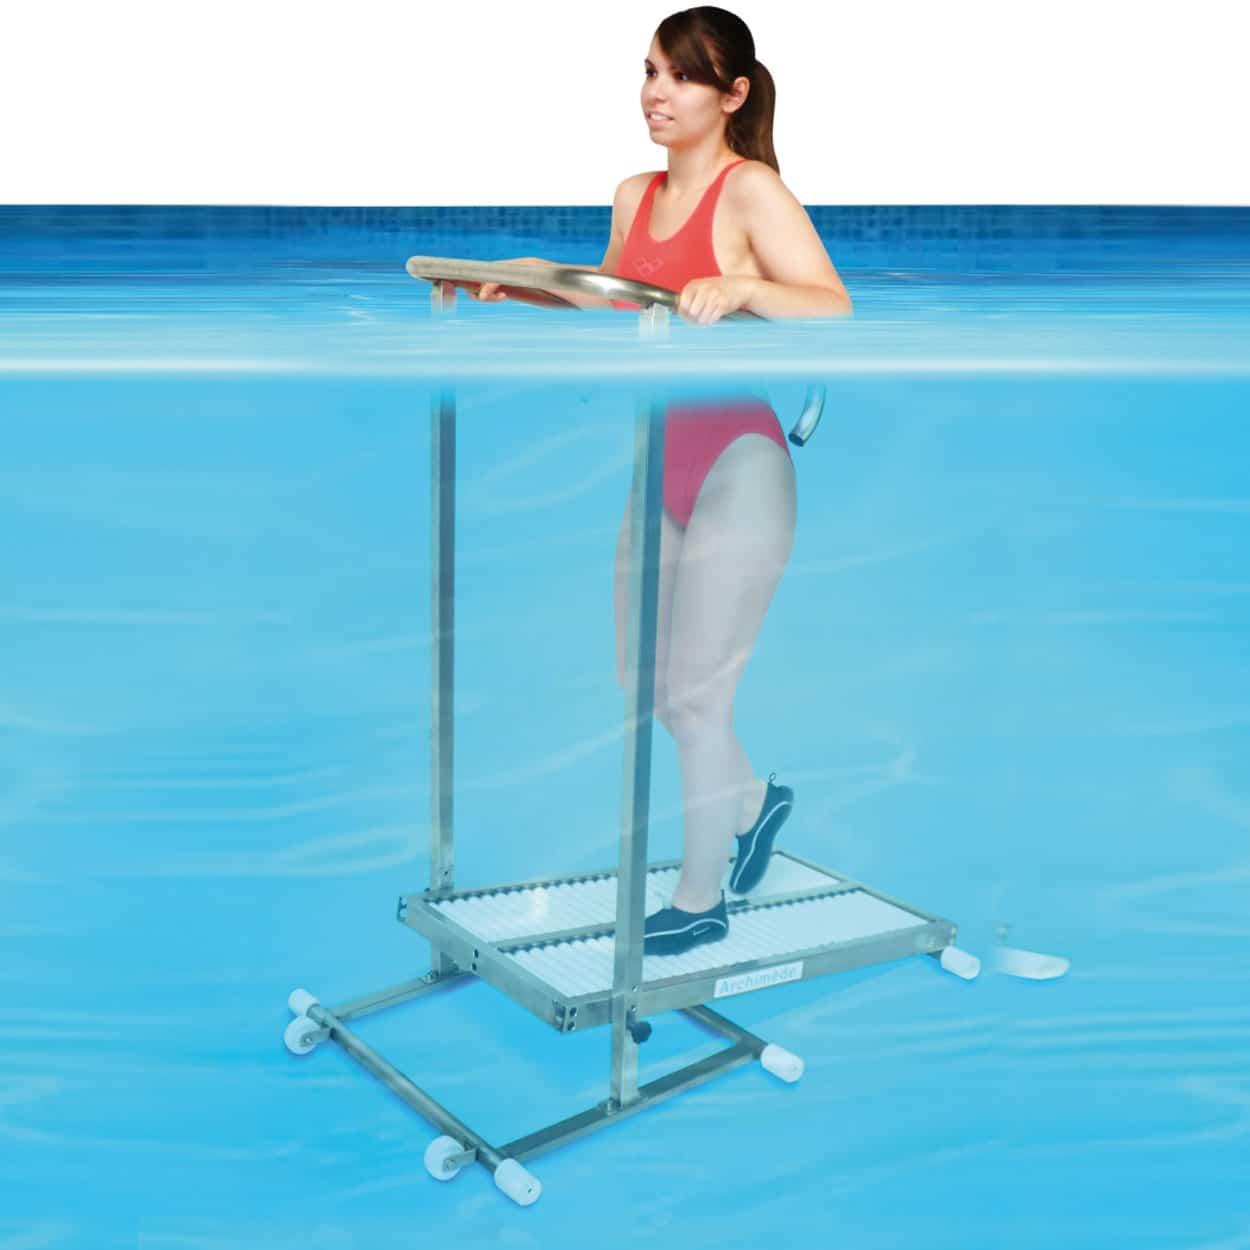 Accessoires de sport pour piscine coque g n ration piscine for Accessoire piscine sport